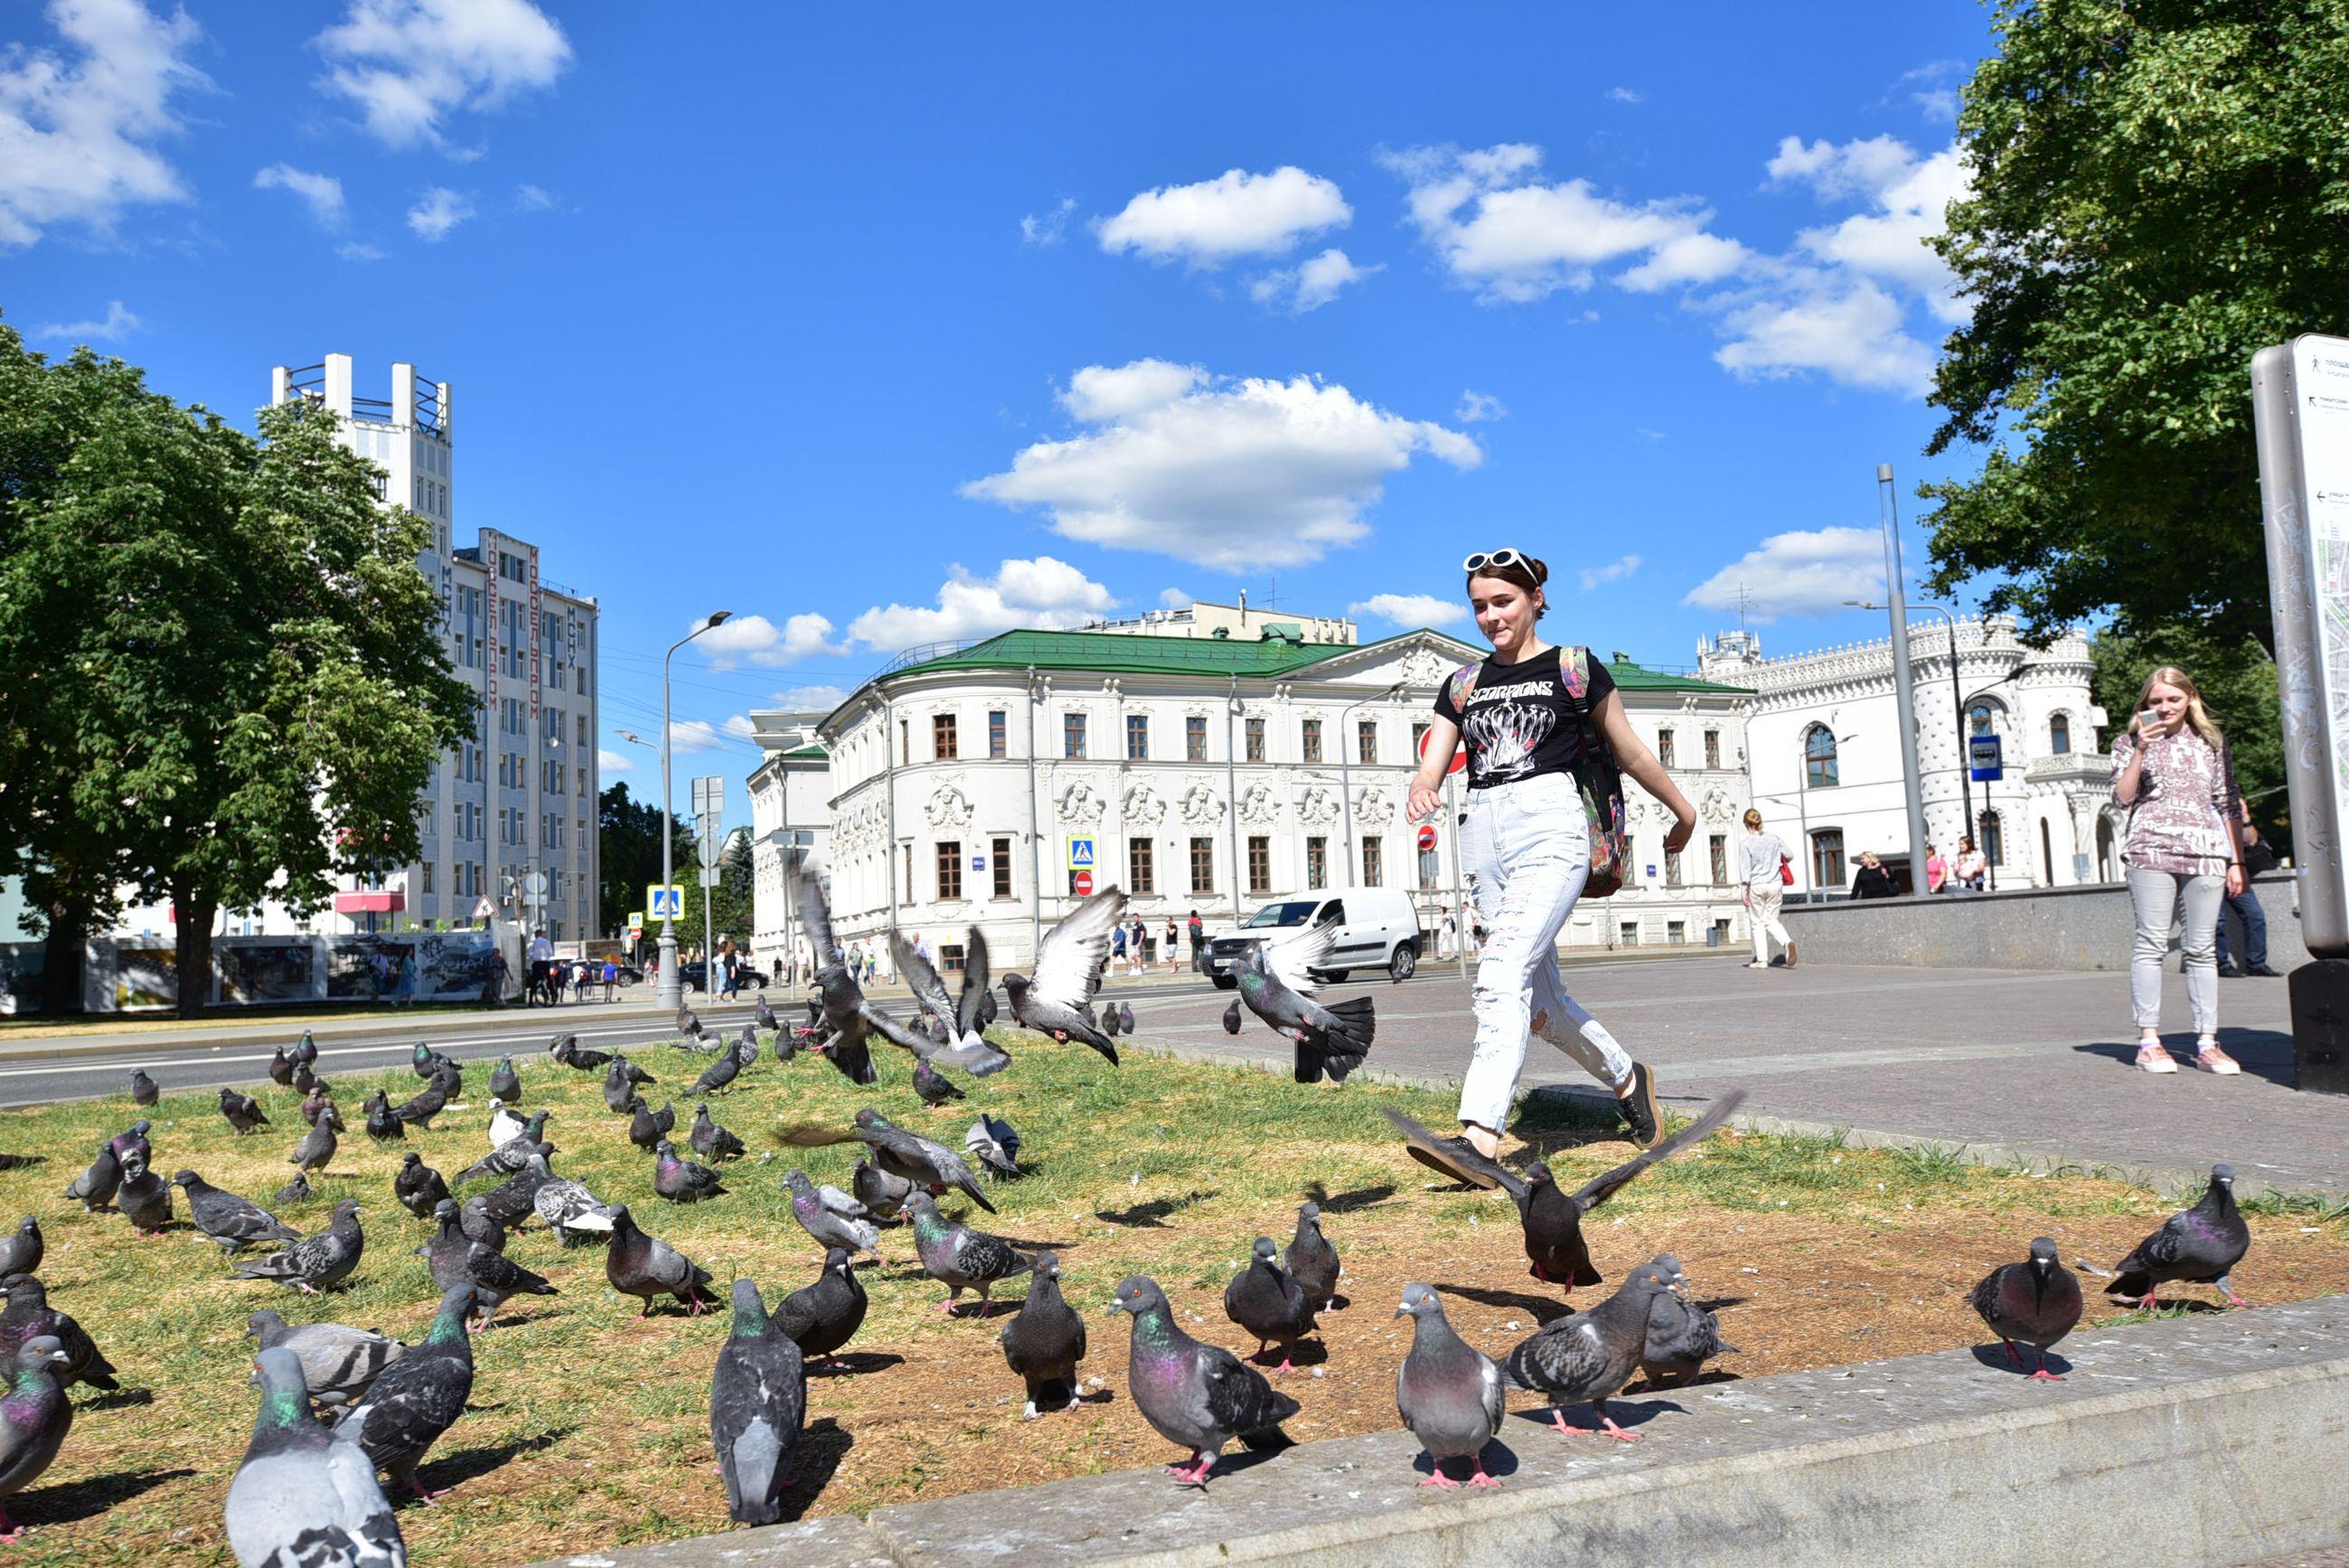 Голуби хорошо освоили городские пространства. Фото: Пелагия Замятина